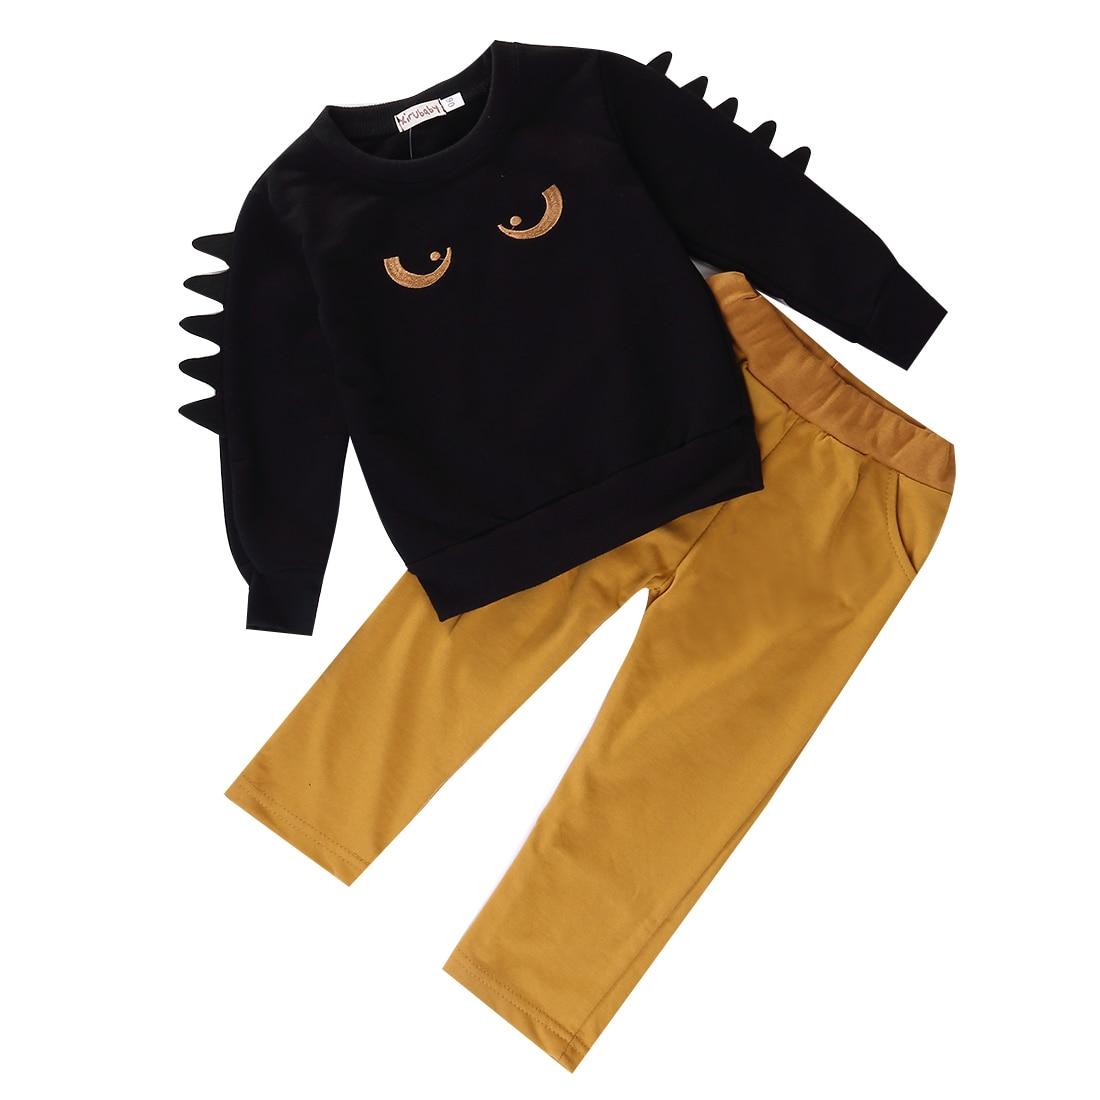 2018 Мода милый монстр для маленьких мальчиков детская одежда с длинными рукавами пот пуловер Джемпер Топ и костюм со штанами Комплект одежды...